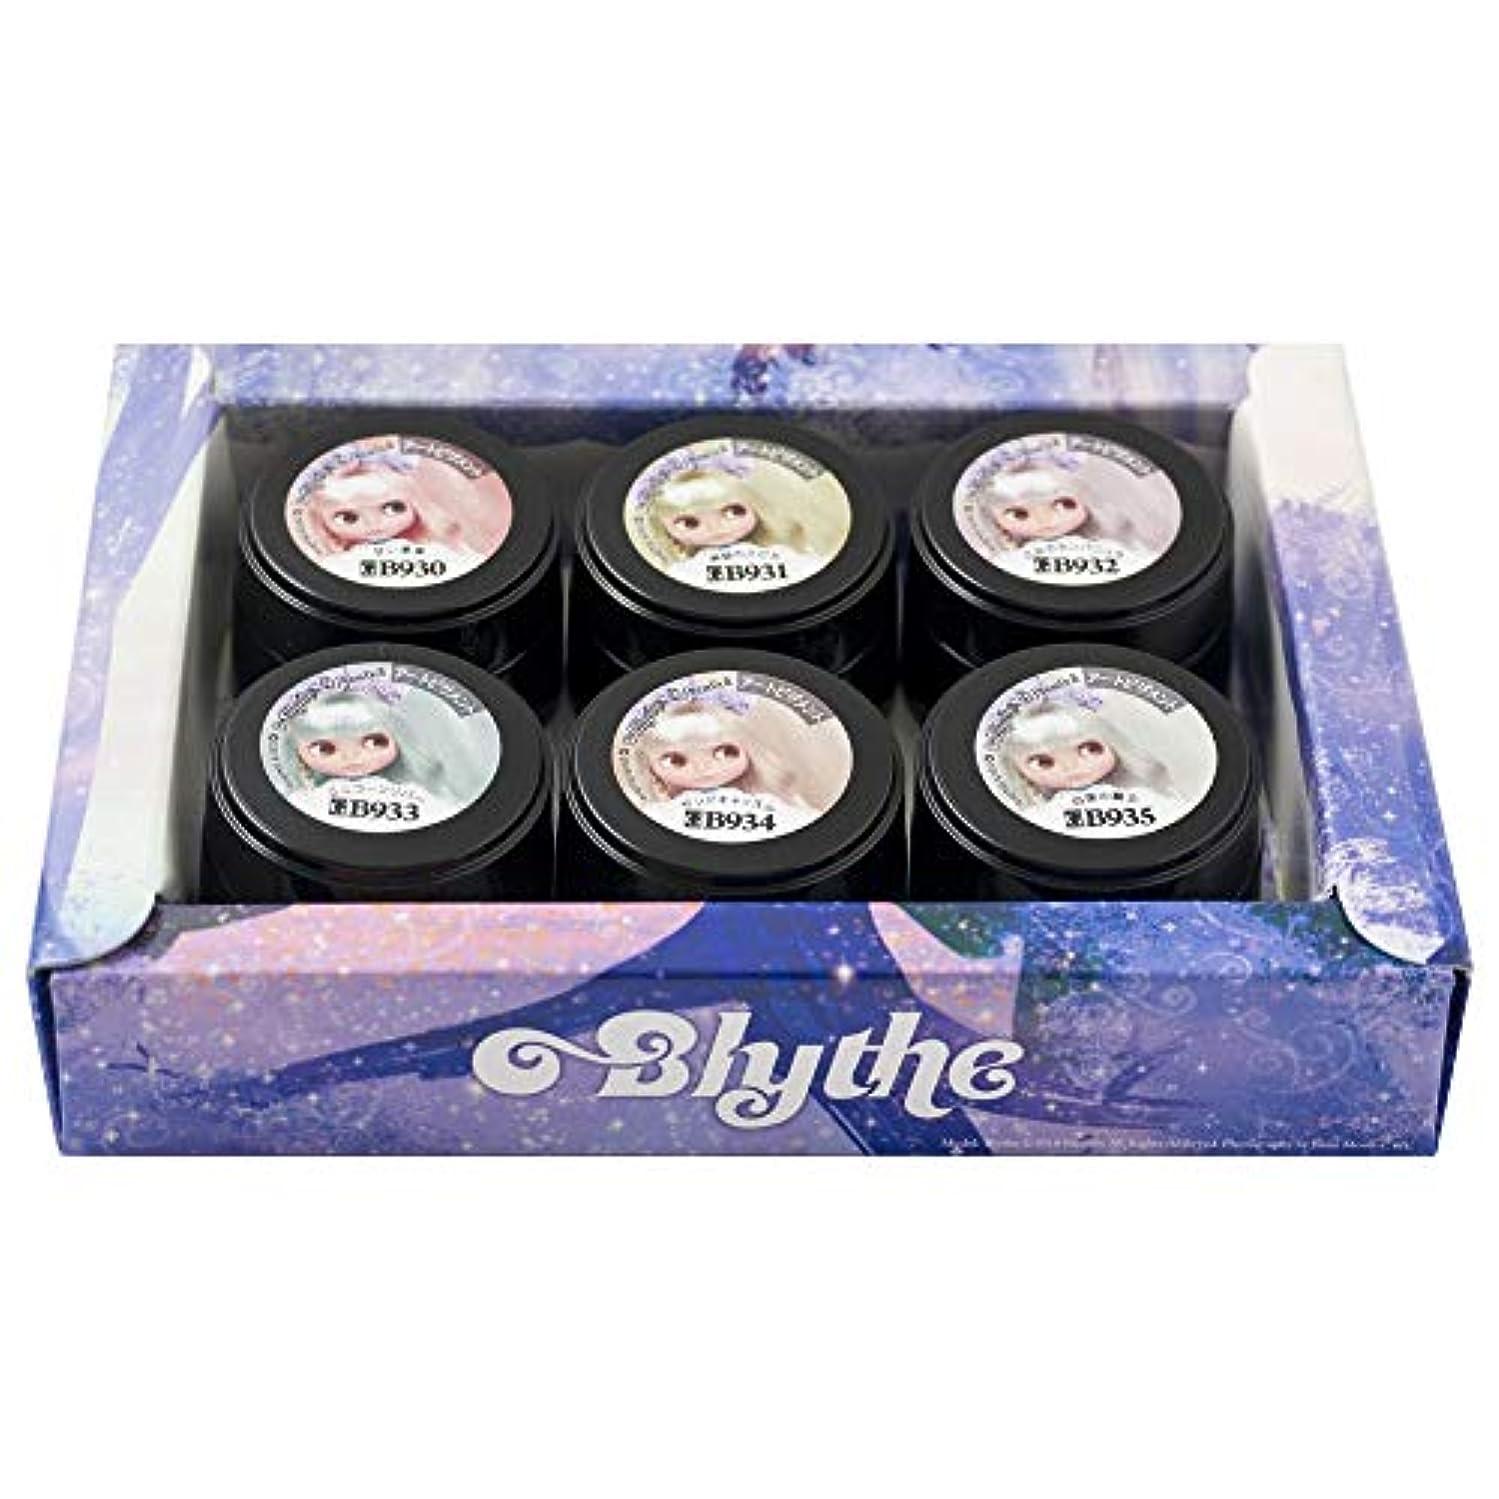 ナビゲーションディレクトリ年金PRE GEL(プリジェル) PRE GEL プリムドール ユニコーンメイデン6色セット UV/LED対応 ジェルネイル 3g×6個